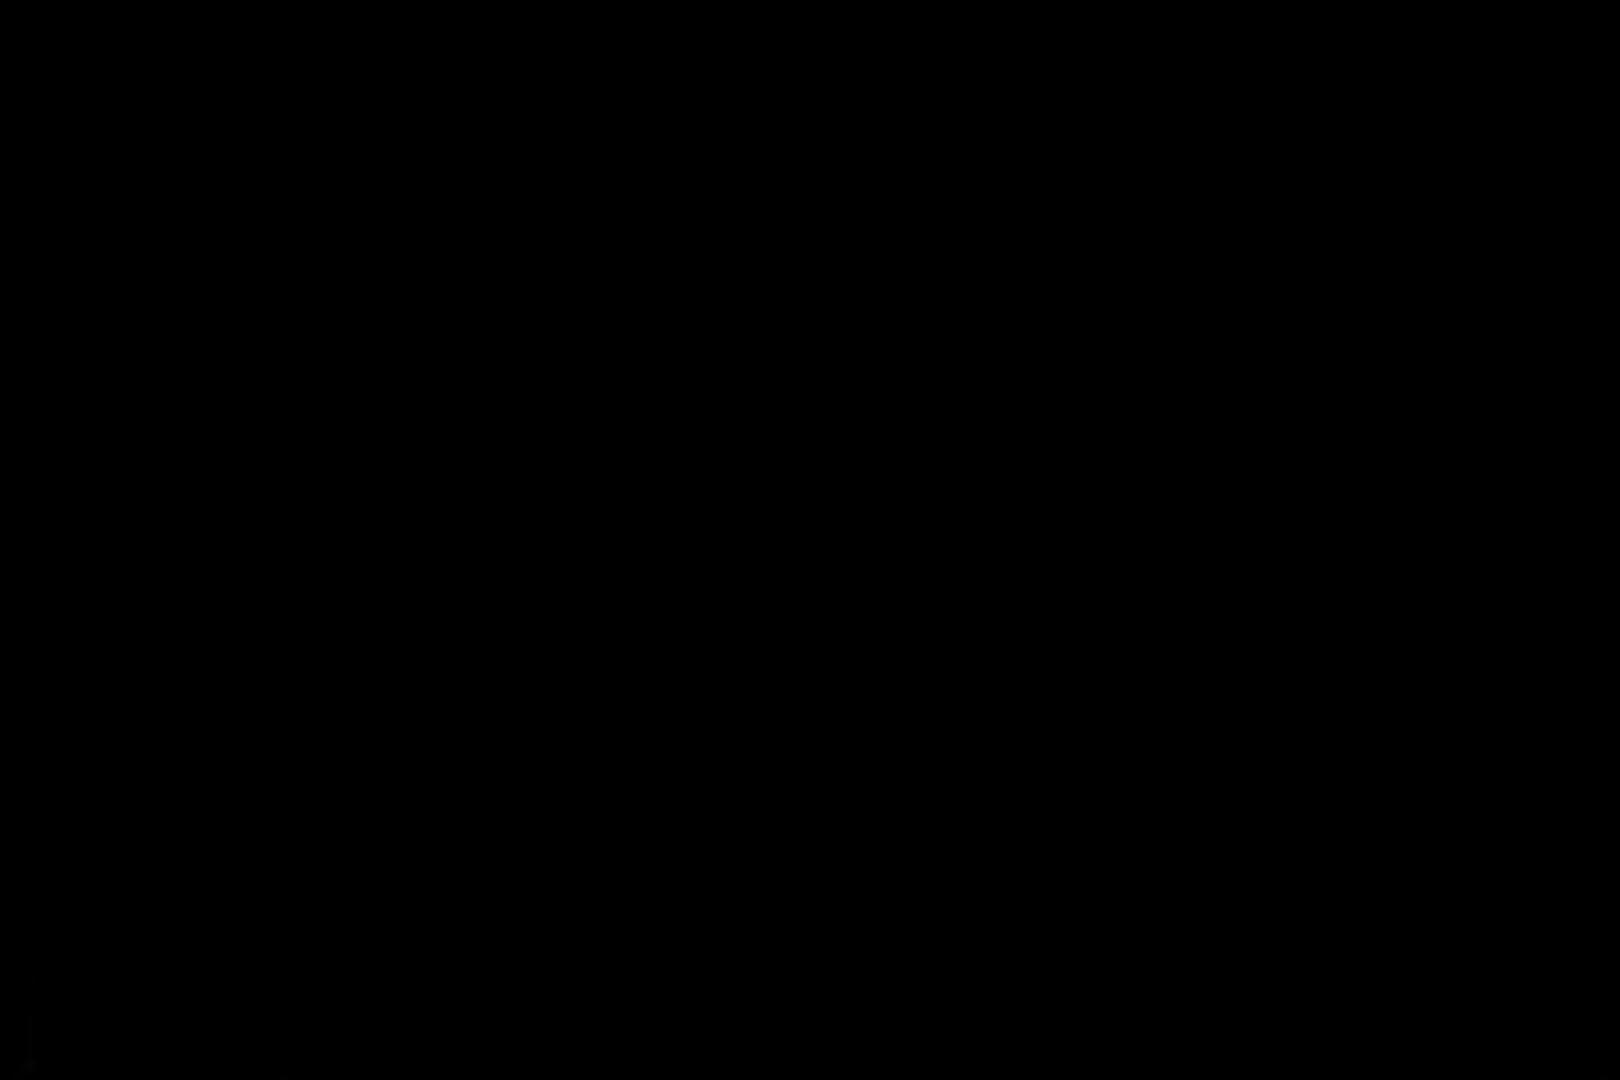 三ツ星シリーズ!!陰間茶屋独占!!第二弾!!イケメン羞恥心File.06 オナニー アダルトビデオ画像キャプチャ 95枚 67